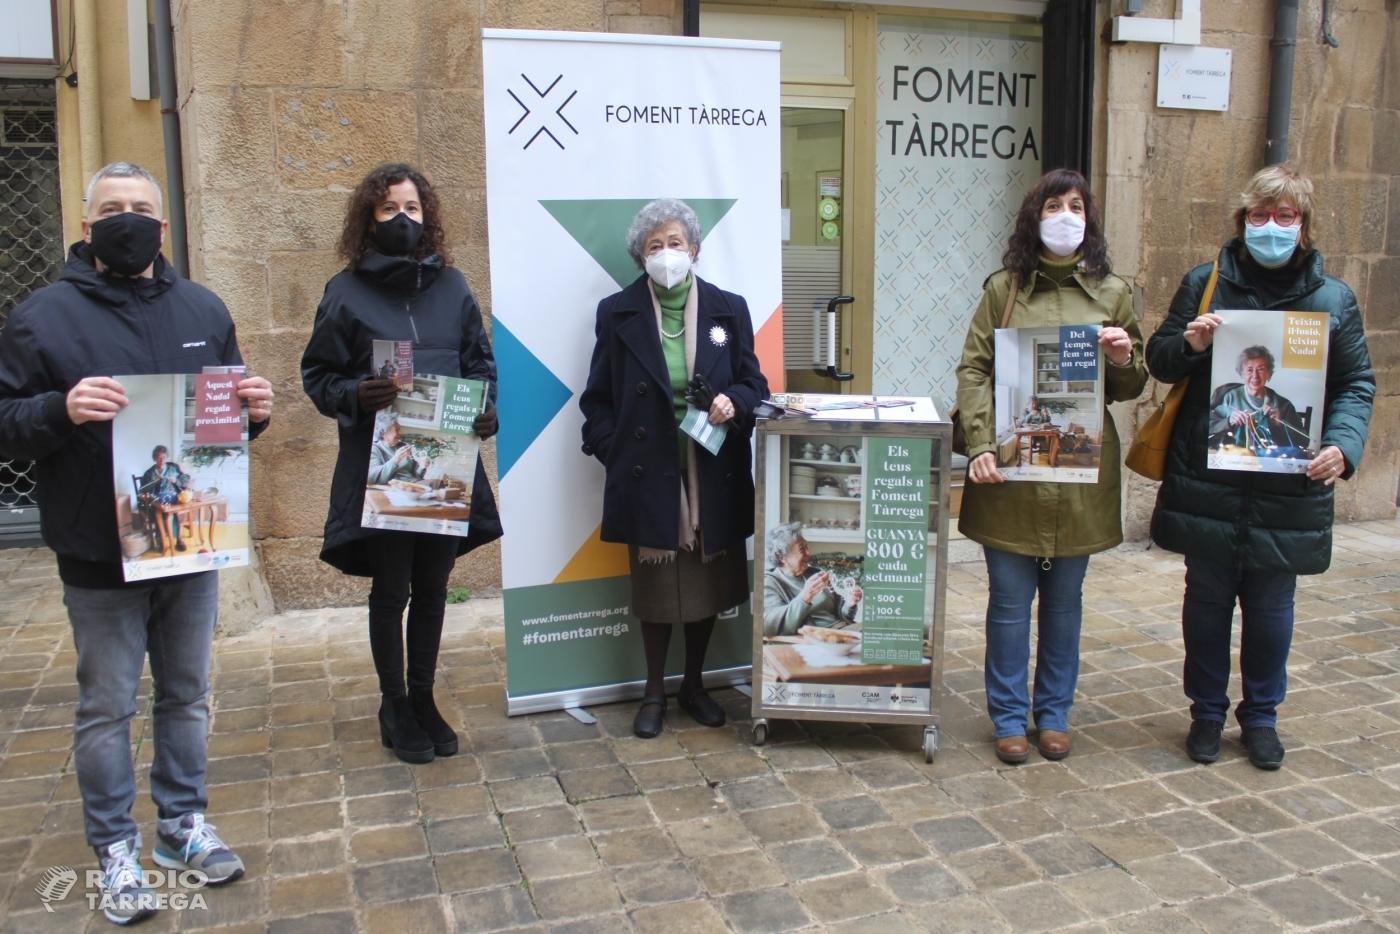 Foment Tàrrega presenta la campanya de Nadal 2020/21